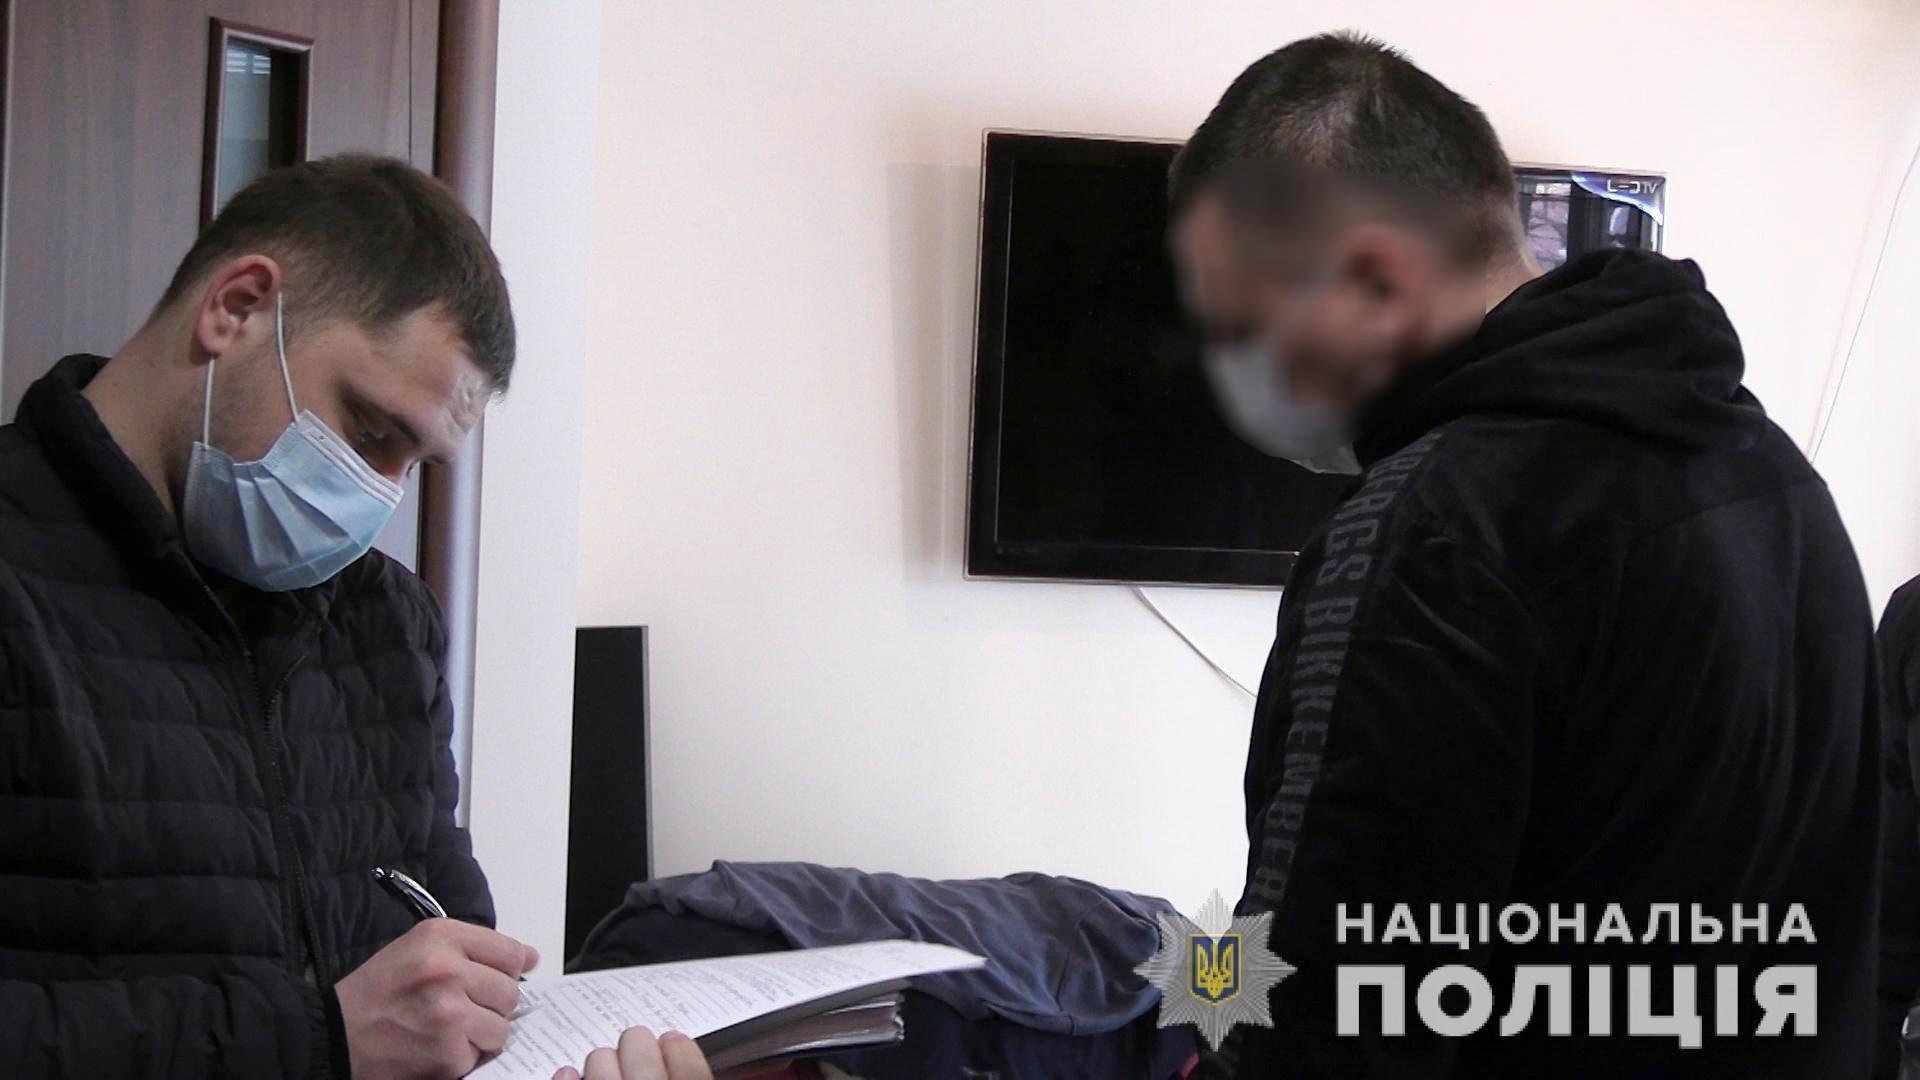 В одному з готельно-розважальних комплексів Вінниці вилучили зброю (Відео)